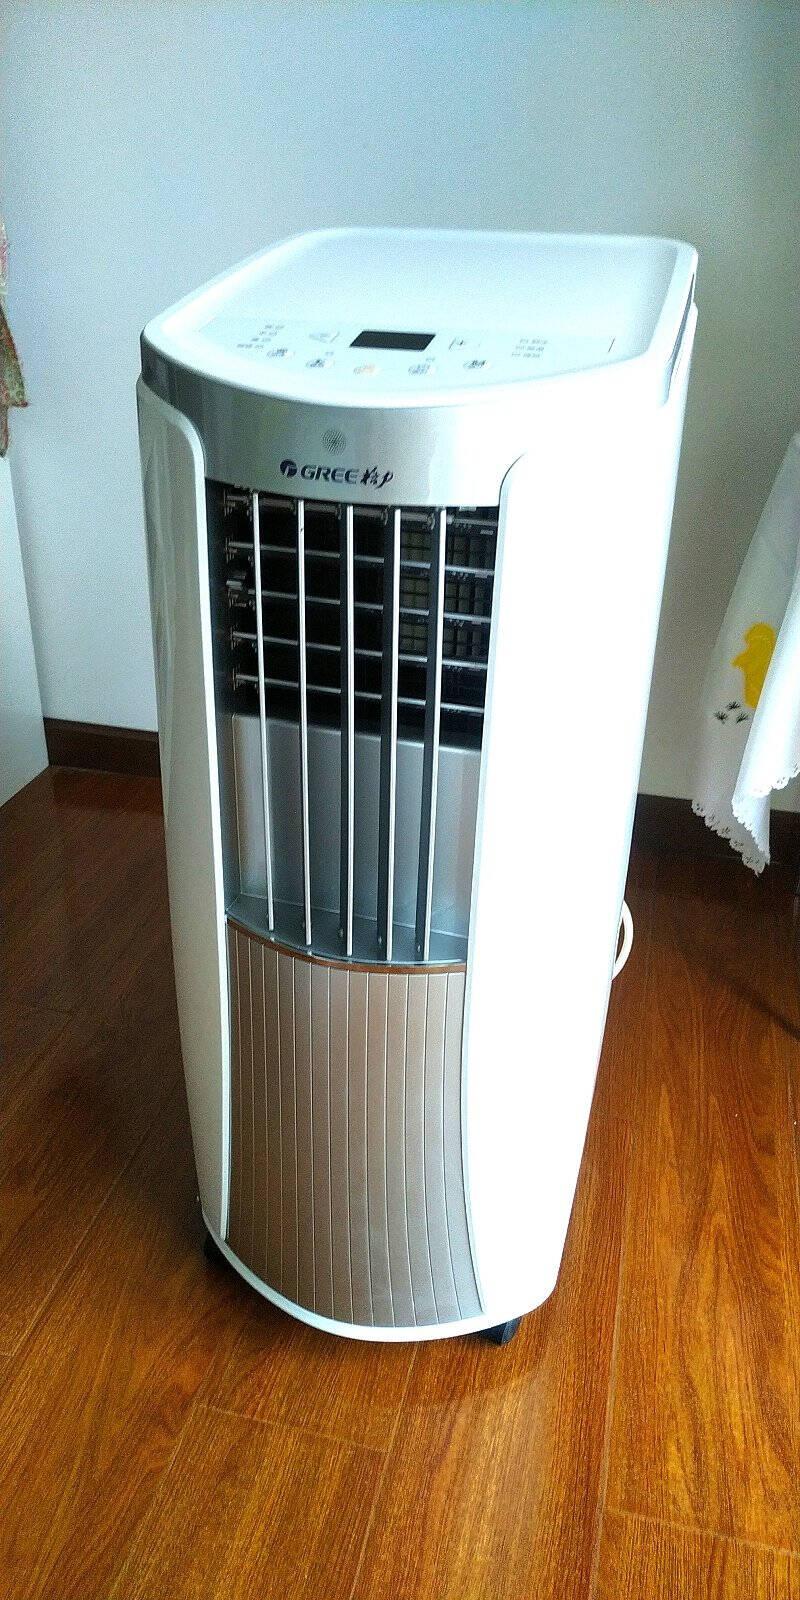 格力(GREE)小1匹P家用移动空调单冷制冷厨房空调免安装一体机智能遥控独立除湿KY-23NK